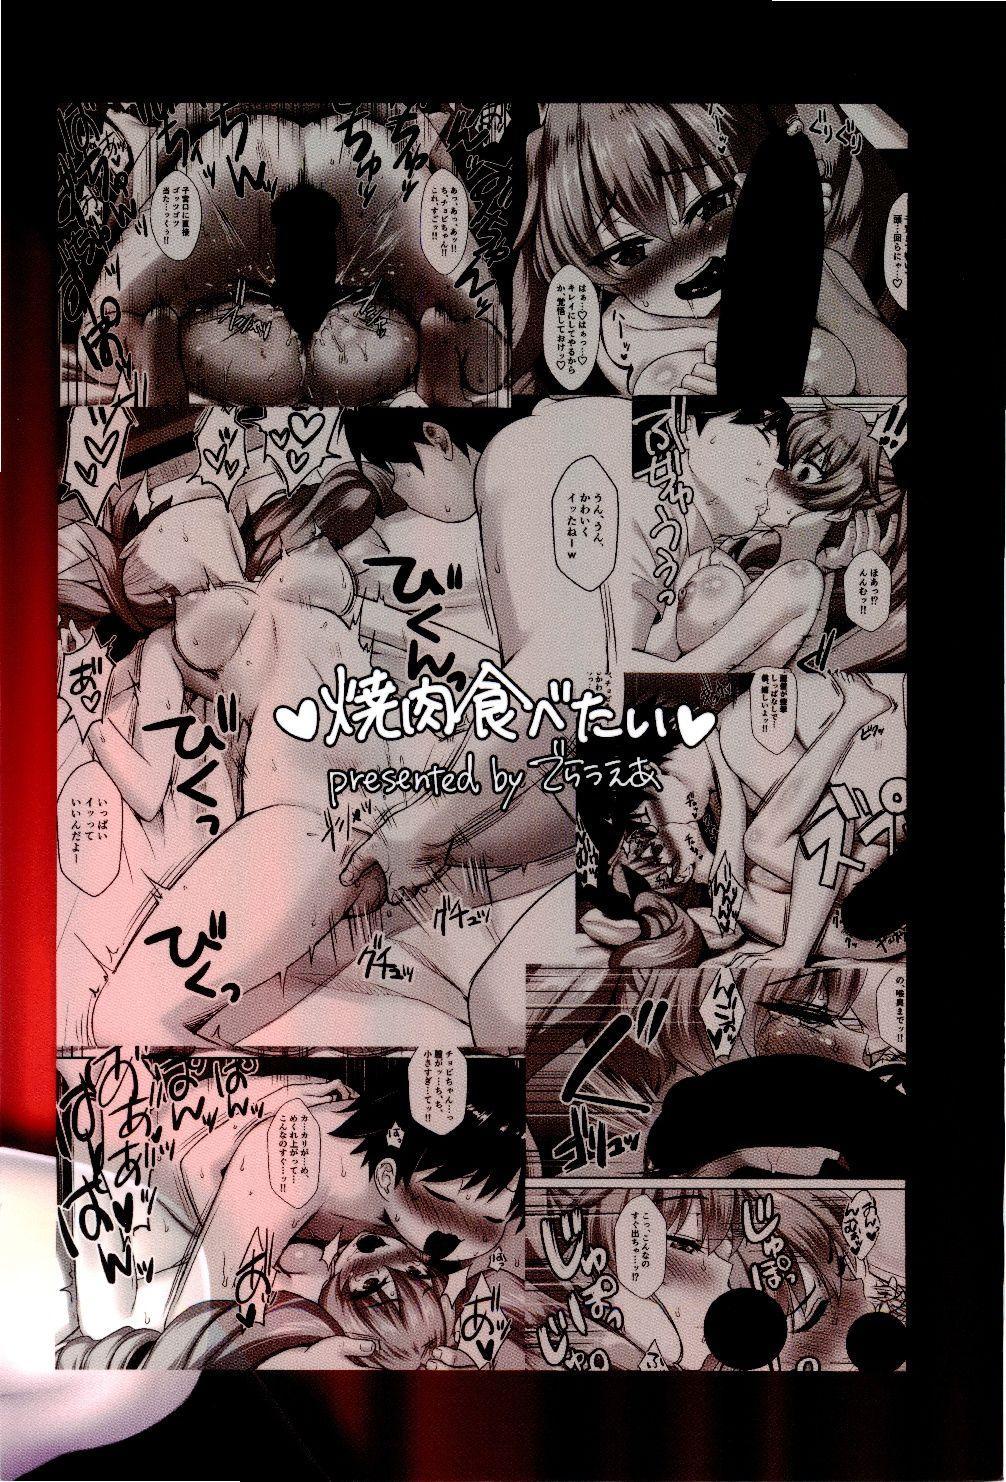 Chovy-chan to Boku no Ninshin Katsudou 23